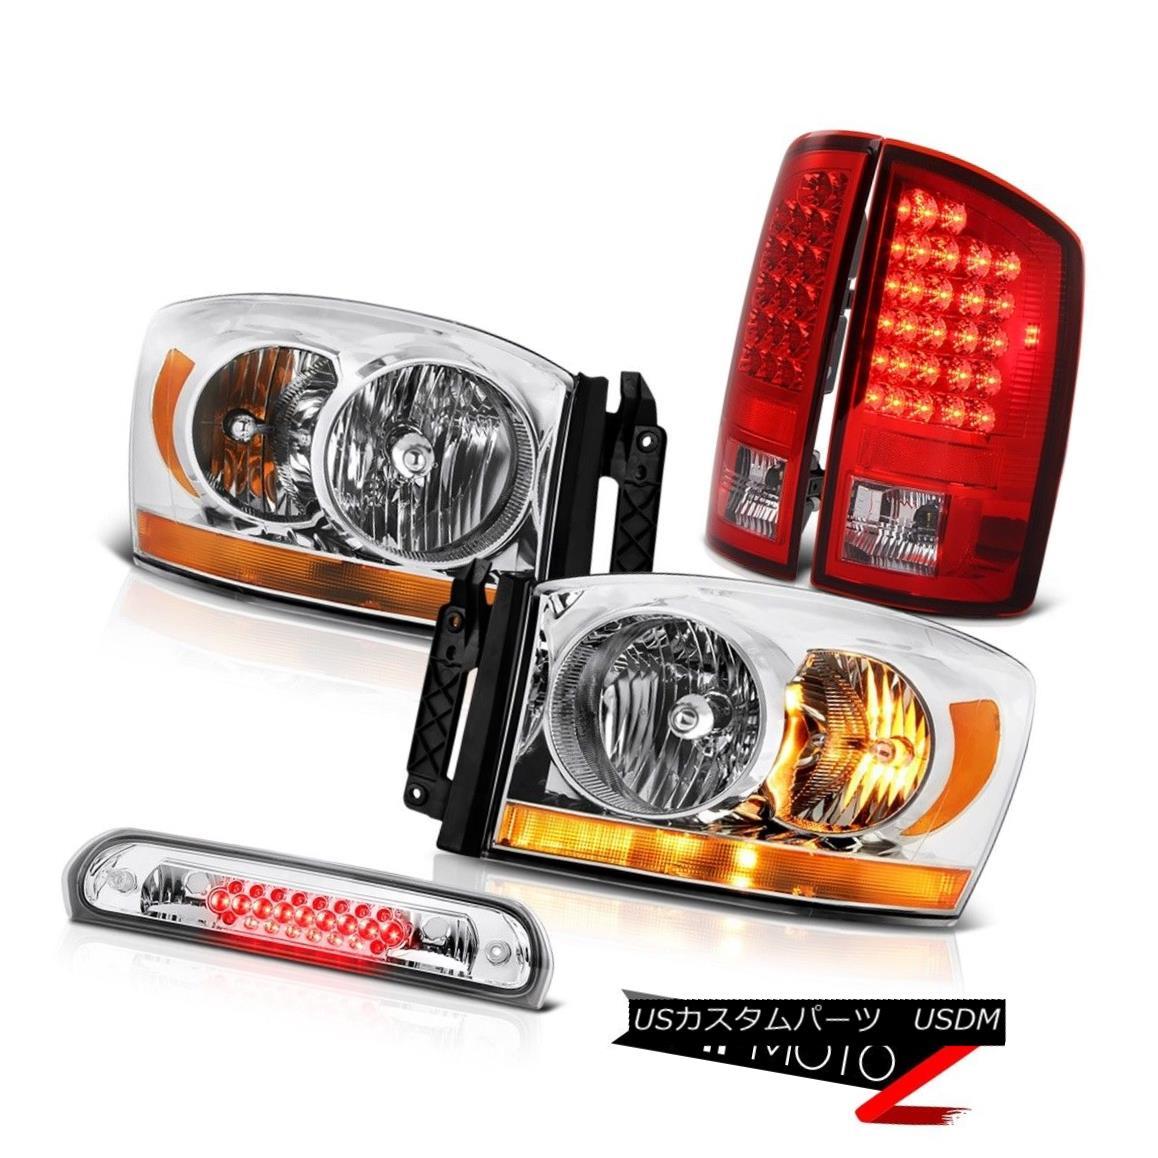 テールライト 2006 Ram St Clear Chrome Headlights 3RD Brake Lamp Bloody Red Taillamps LED SMD 2006 Ram Stクリアクロームヘッドライト3RDブレーキランプBloody Red Taillamps LED SMD